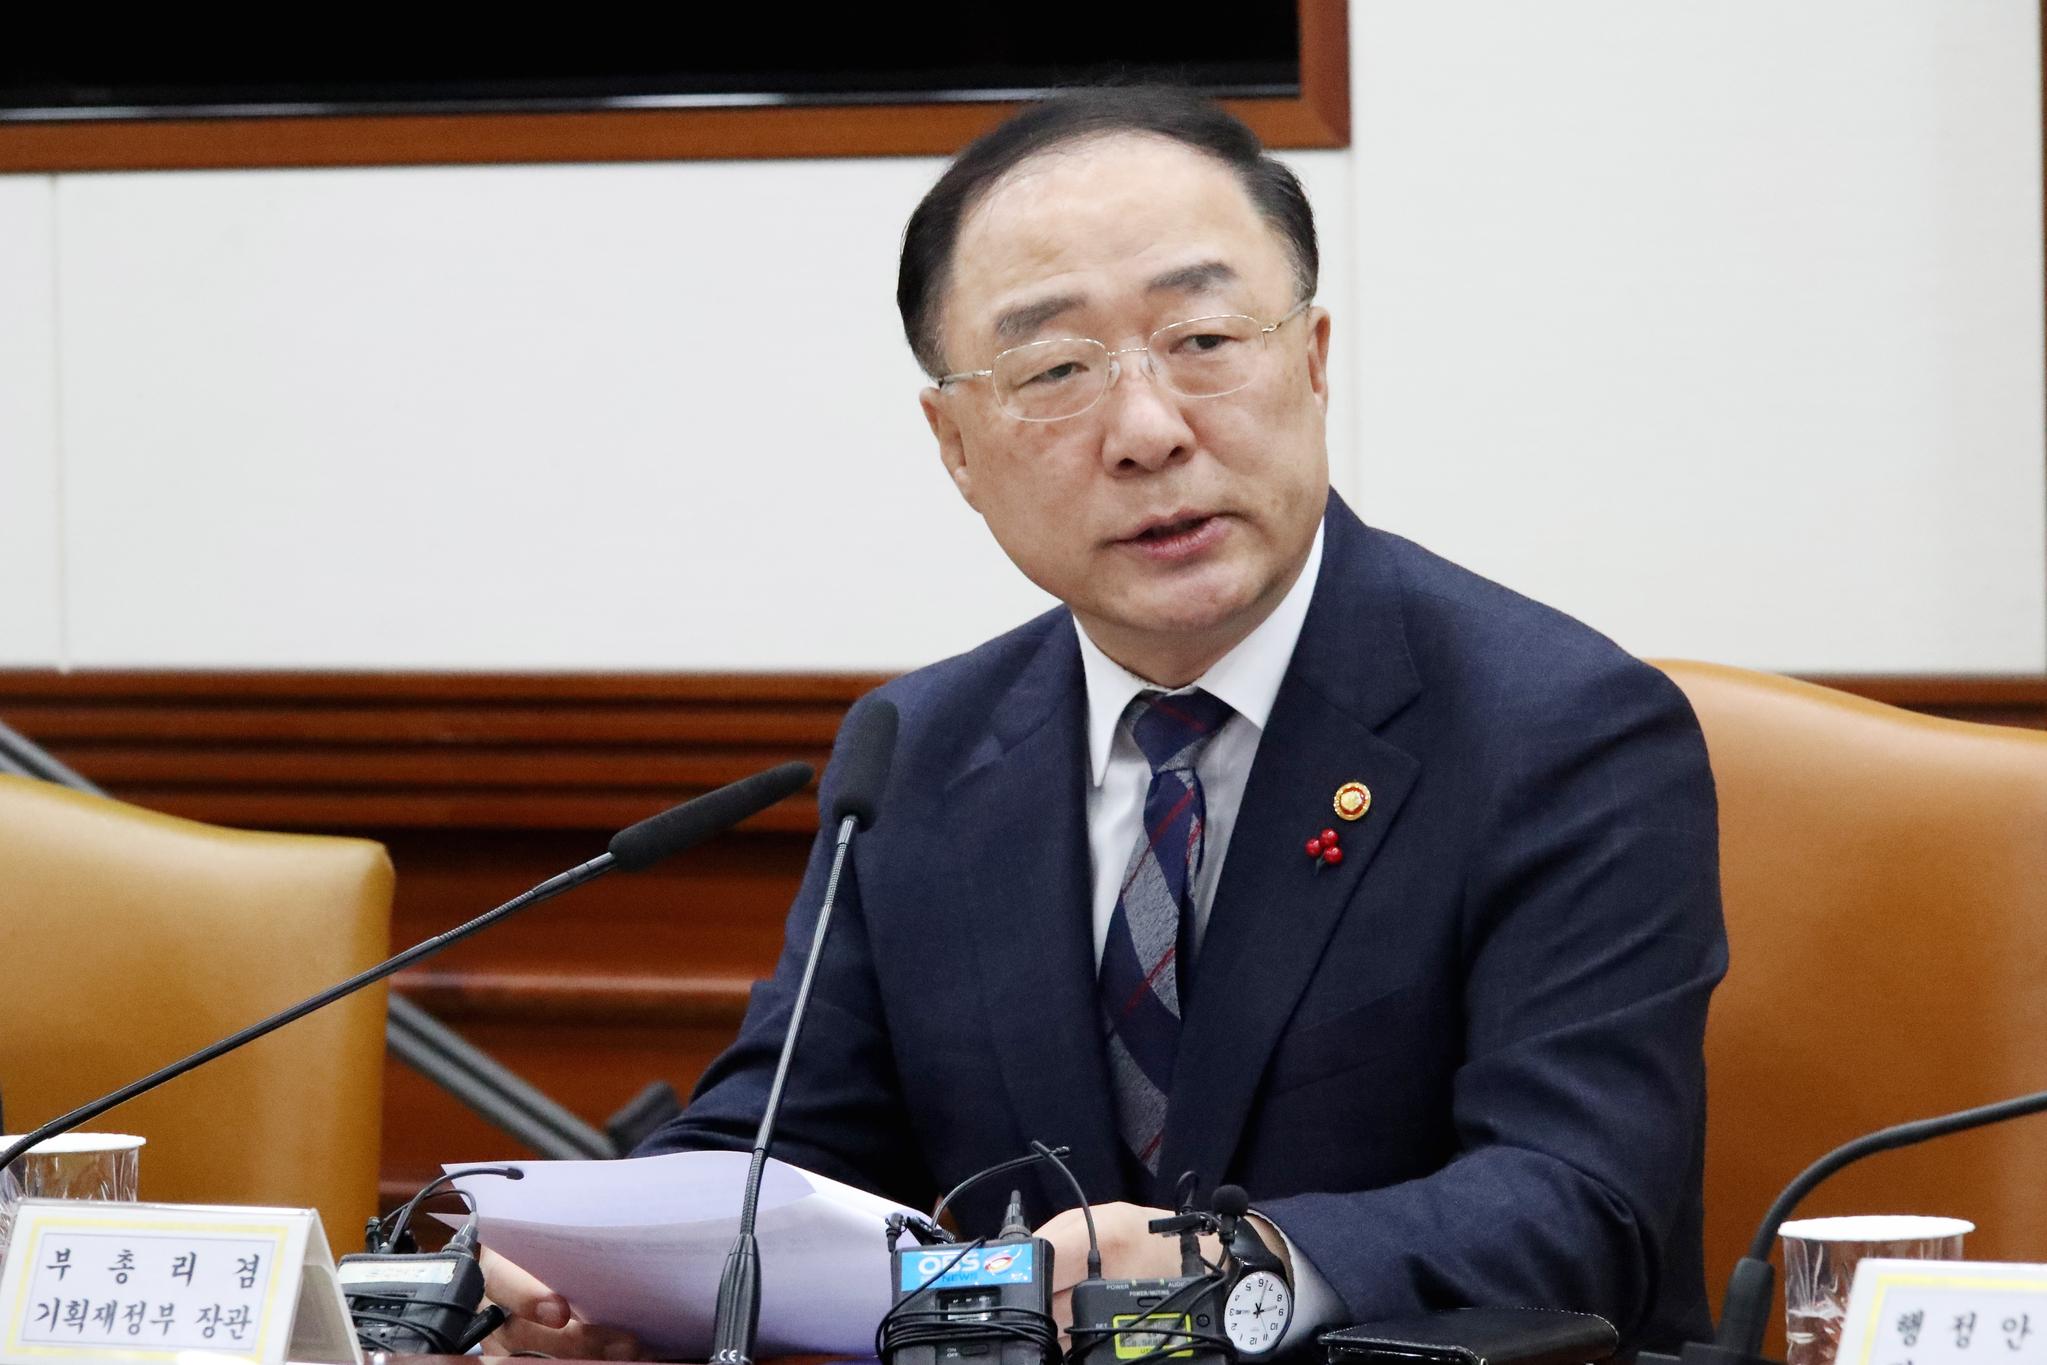 홍남기 부총리 겸 기획재정부 장관. [연합뉴스]